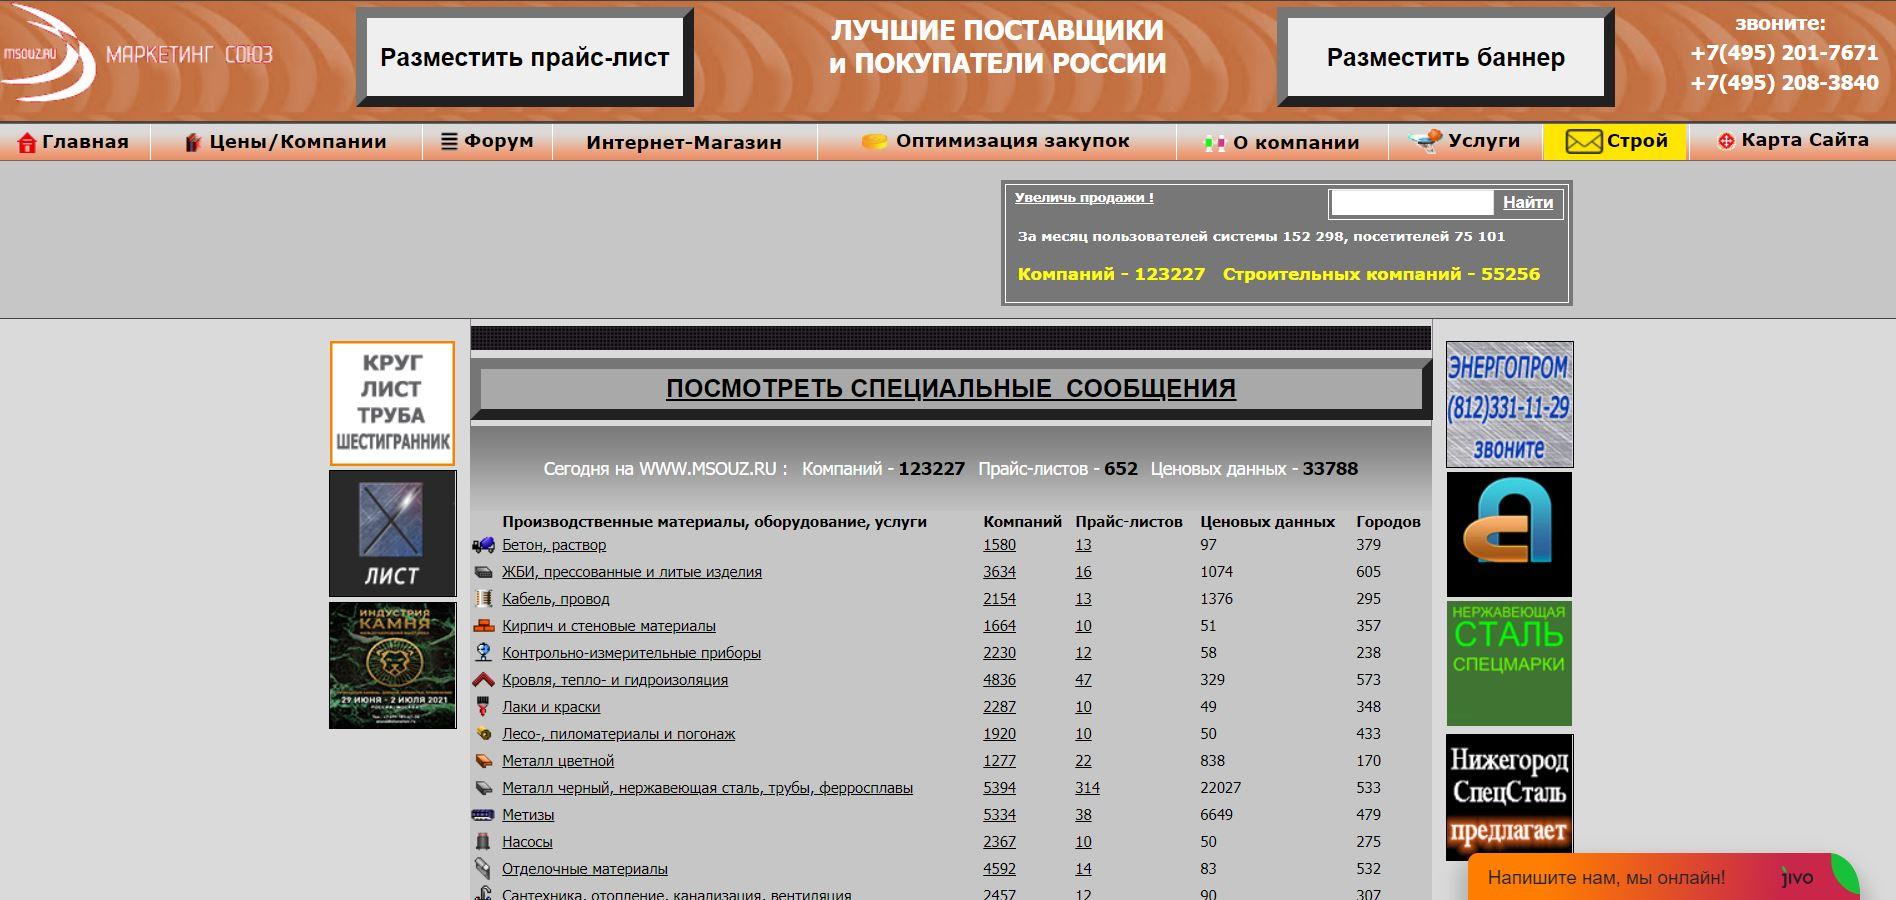 Маркетинг Союз крупнейшая база данных строительных компаний